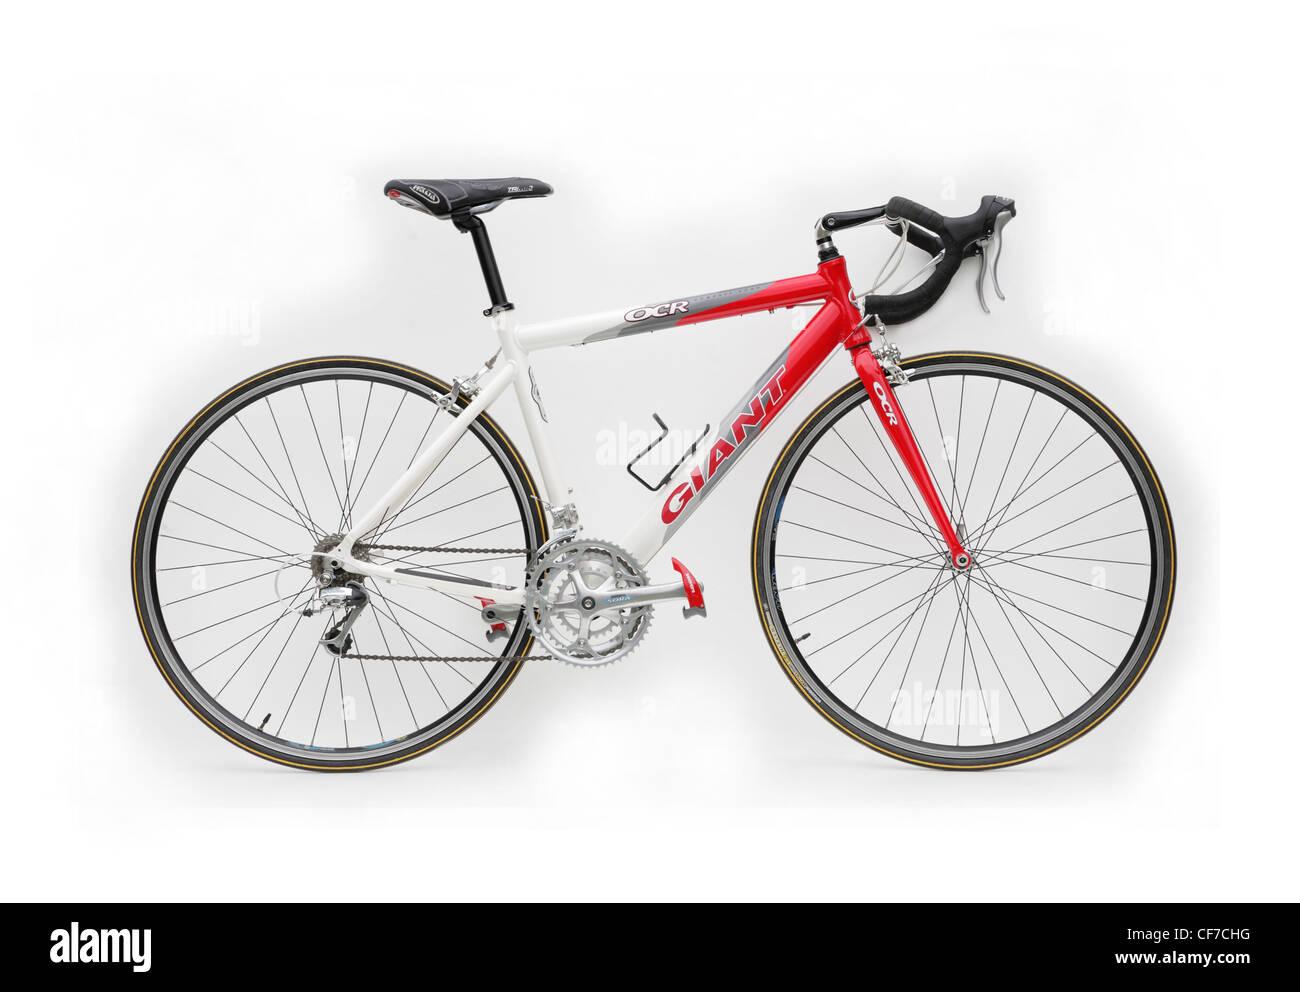 Recorte de una bicicleta de carreras marca gigante ciclo con pedales clipless aspecto aislado en contra de fondo Imagen De Stock